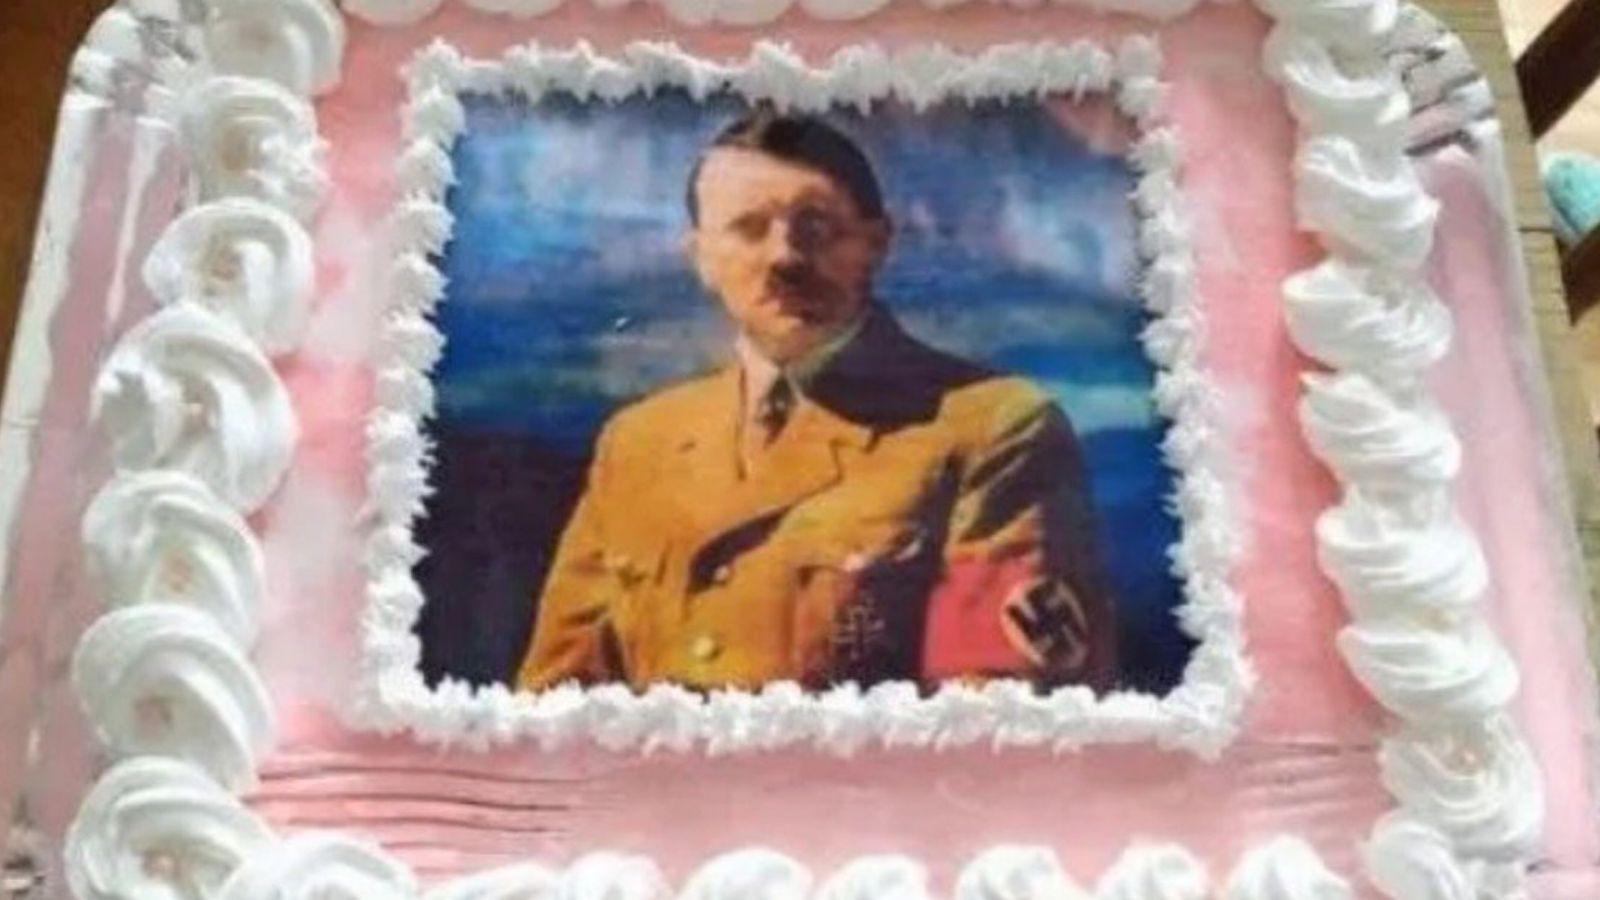 brasil: festejo su cumpleanos con una torta de hitler